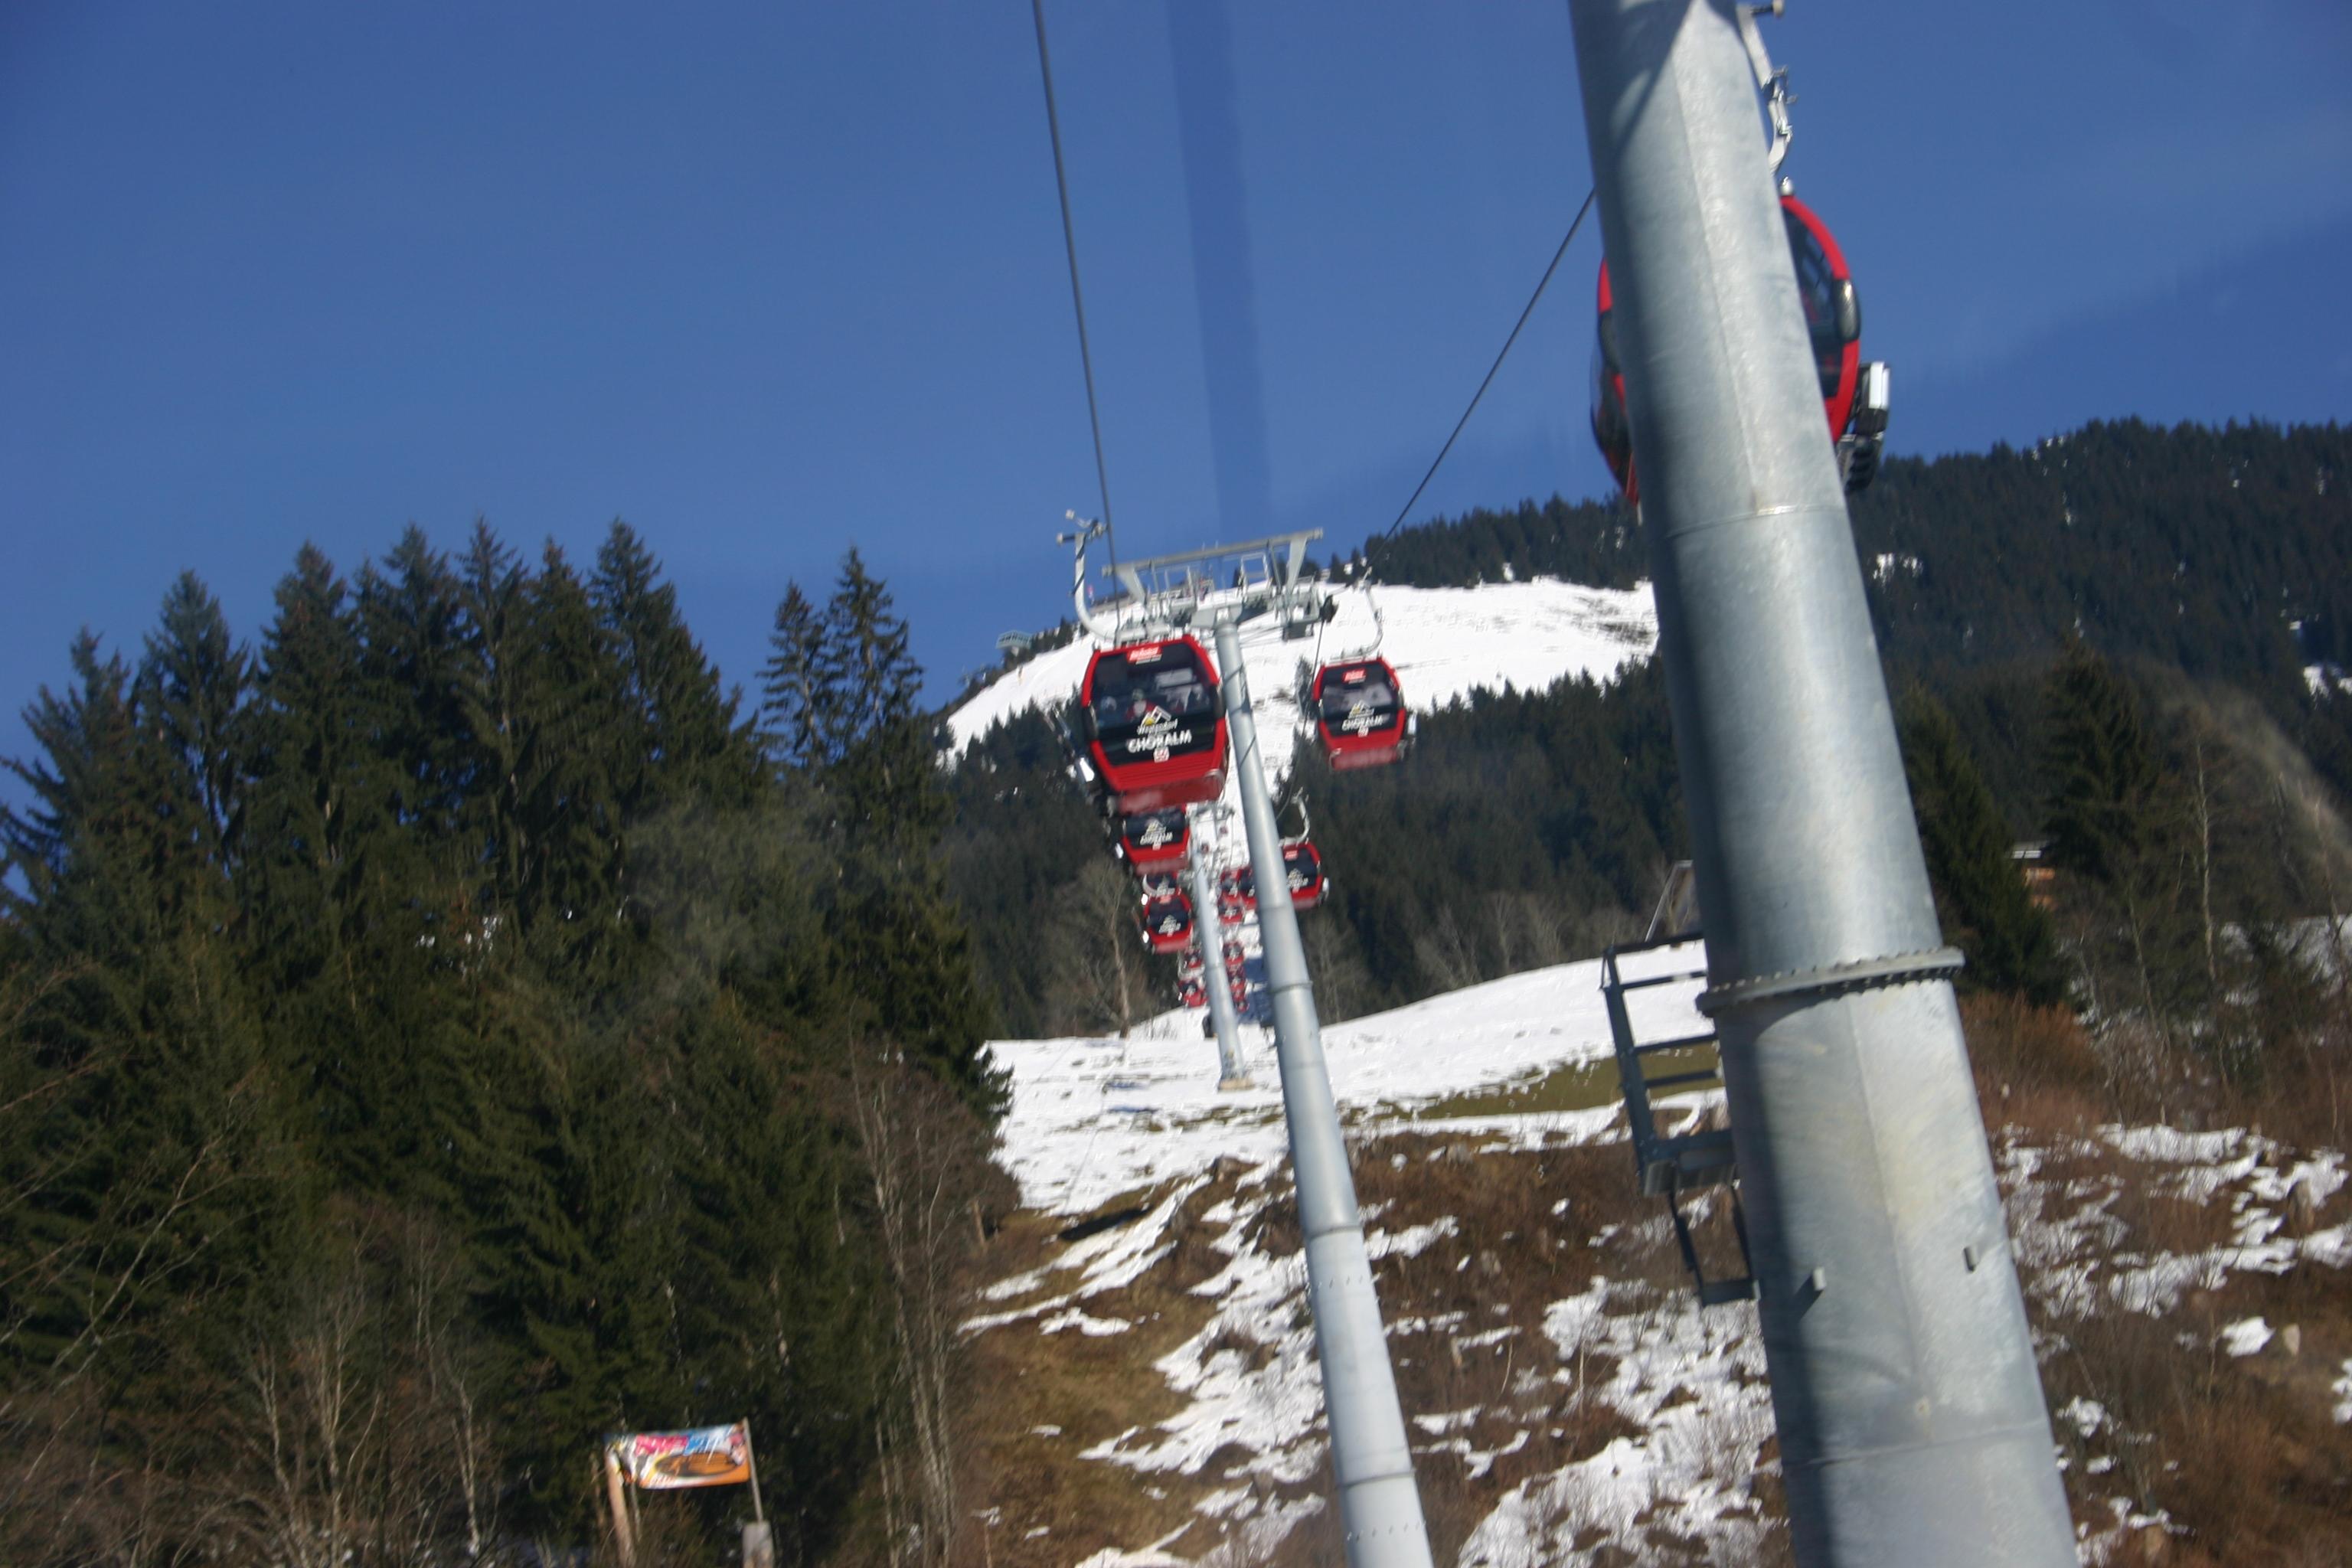 Kitzbüheler Alpen 115 - Dag 1